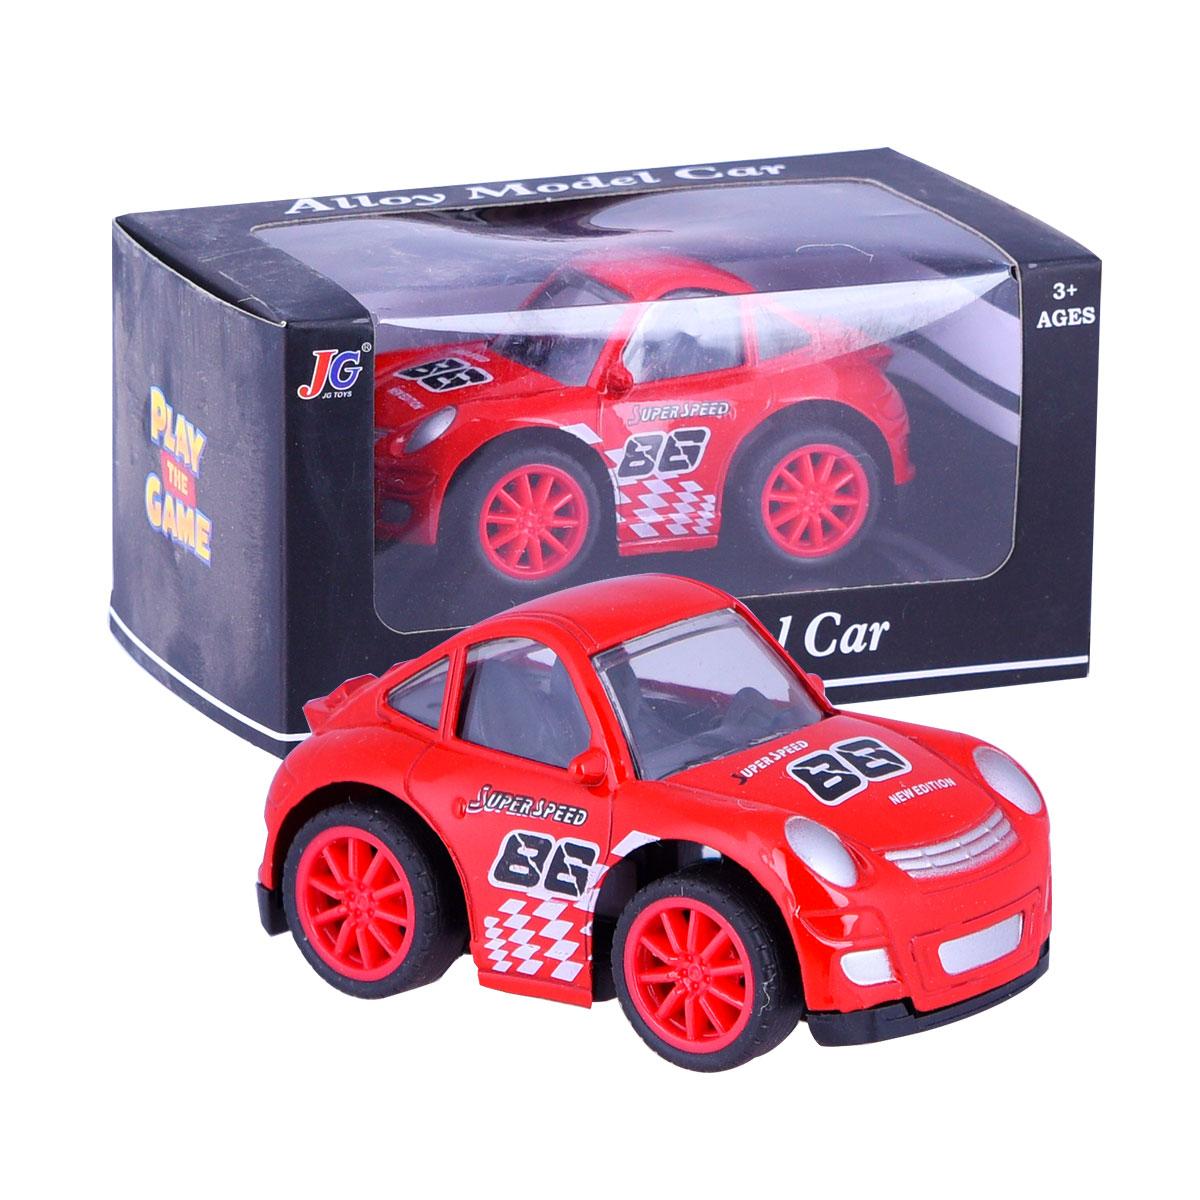 لعبة سيارة صغير بعلبه , ألوان متعددة , رقم MM-RO-100002